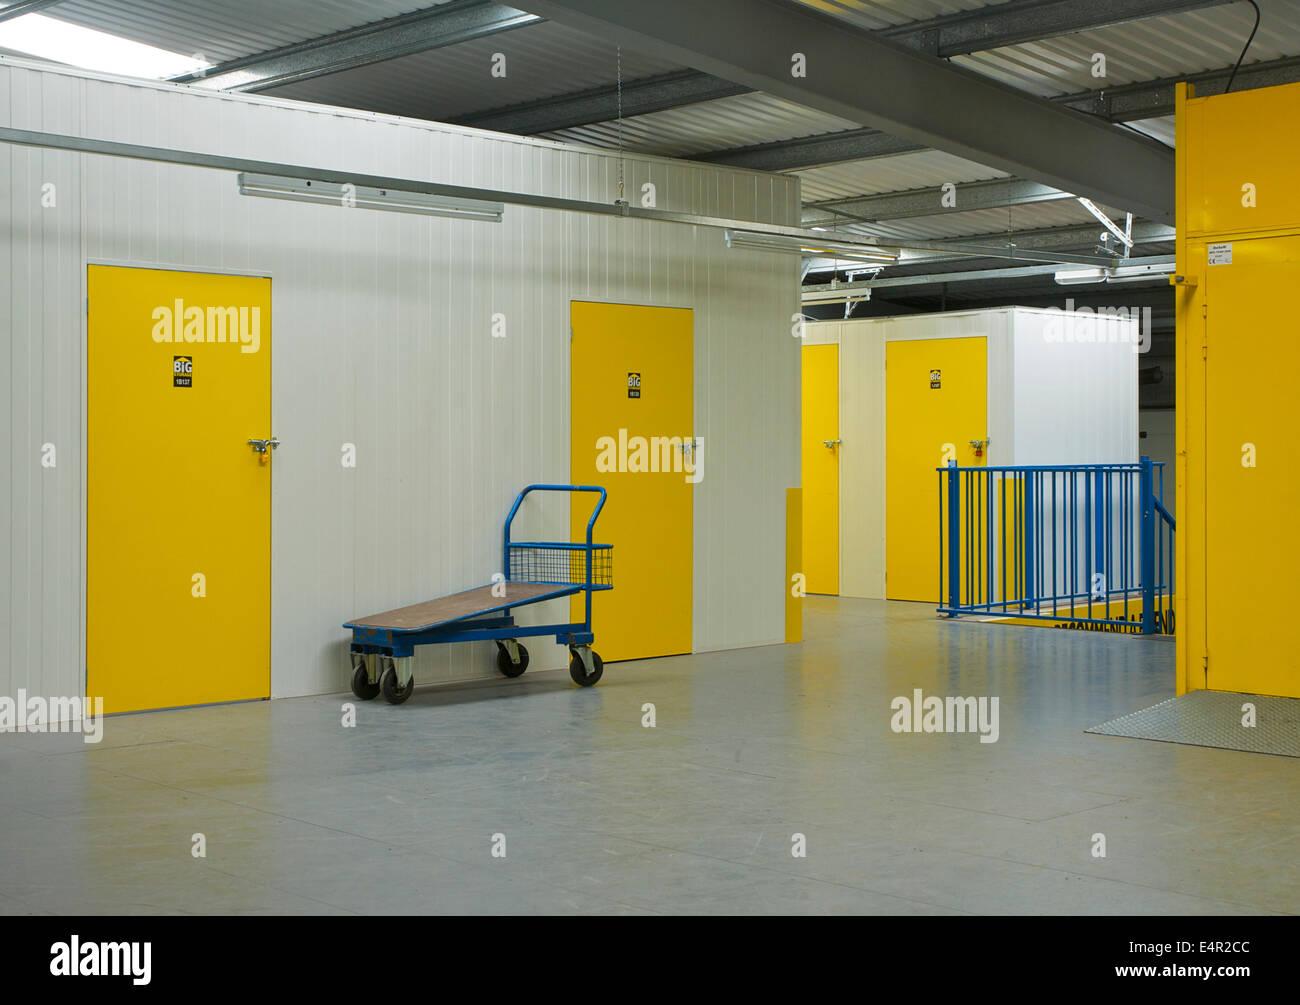 Corridor in self-store facility - Stock Image